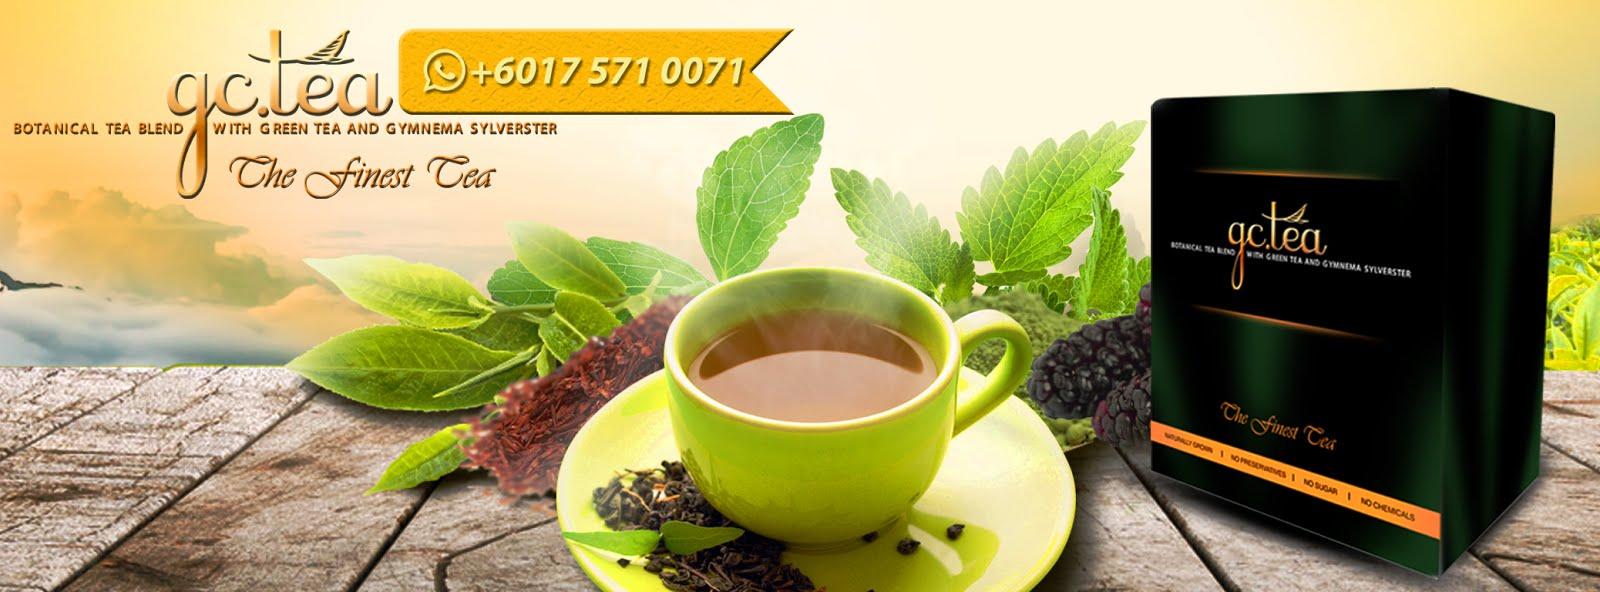 GC Tea Penawar Kencing Manis